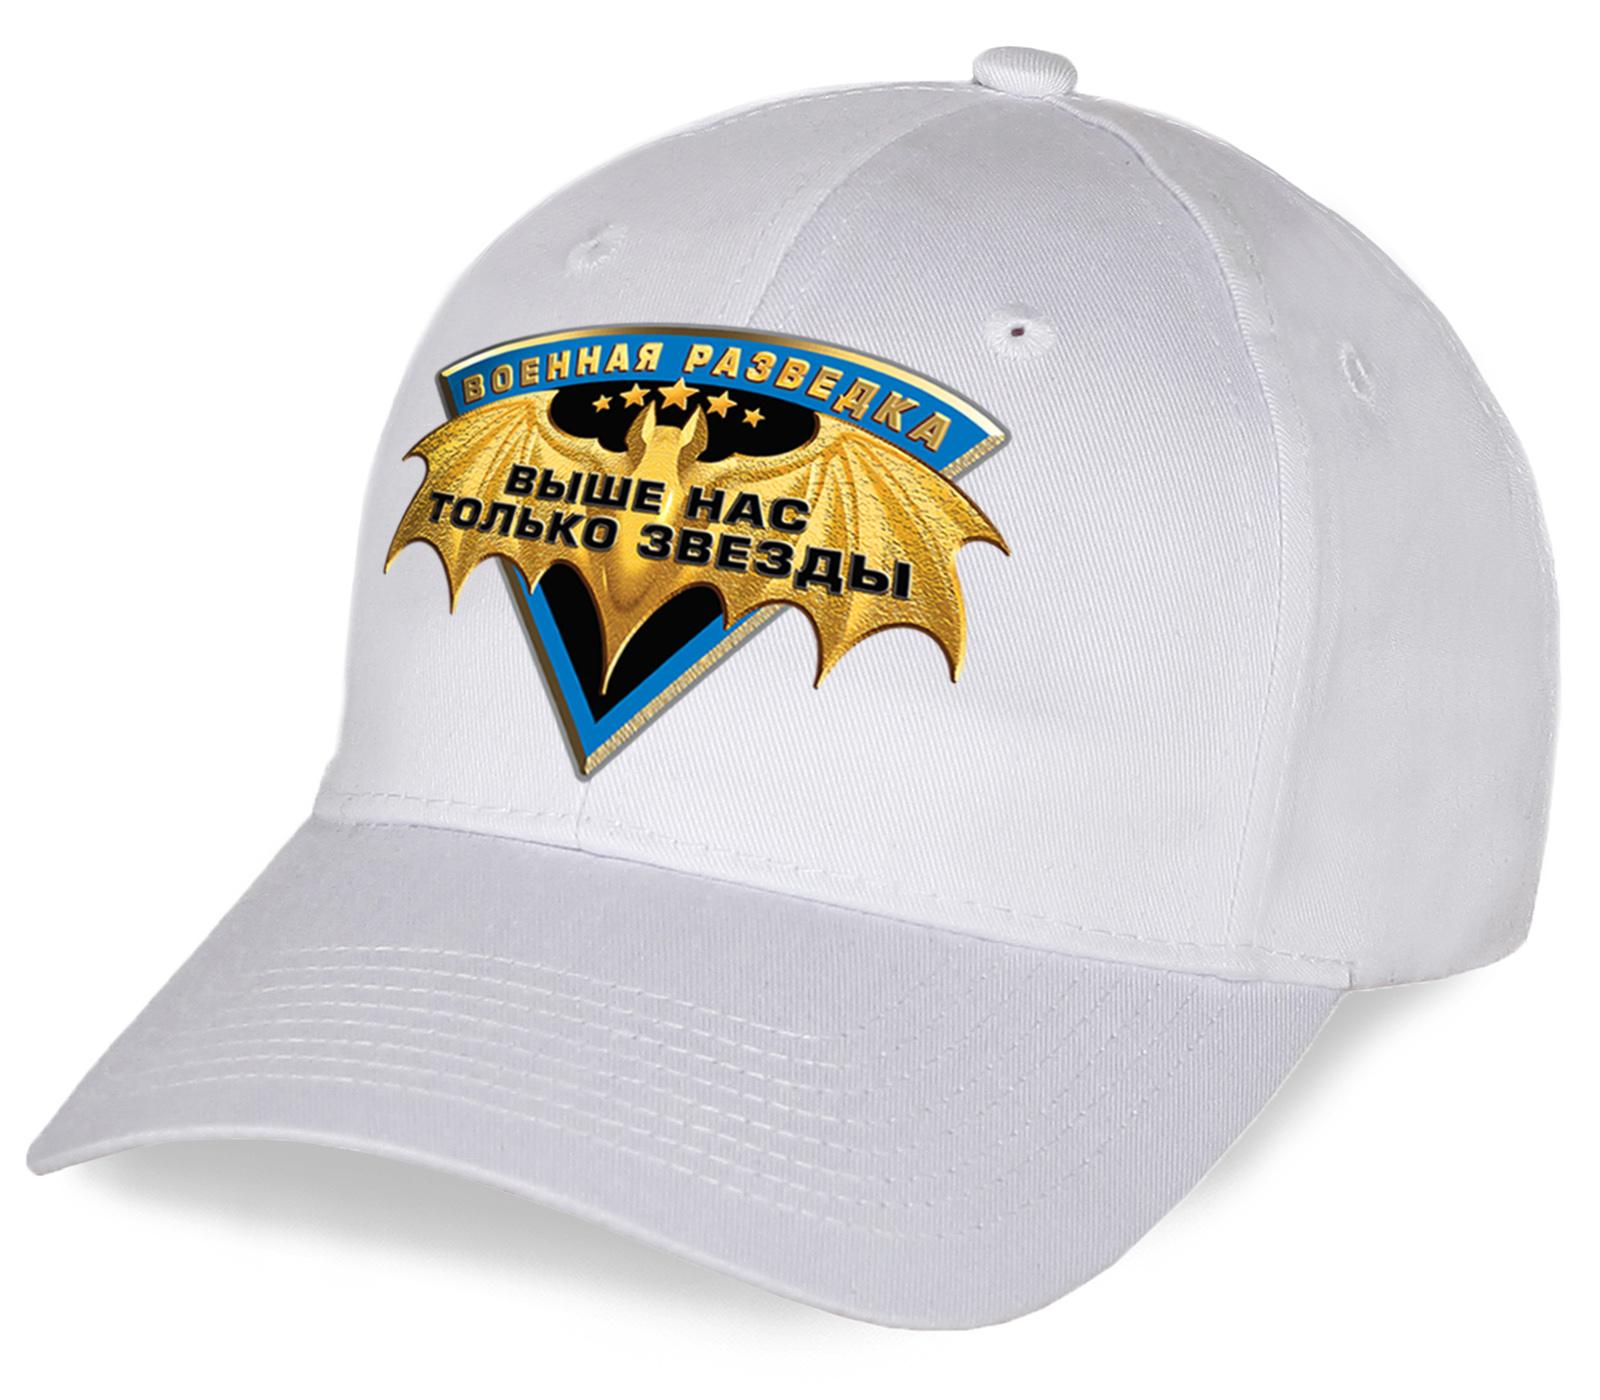 Высококачественная кепка непревзойденного дизайна с авторским принтом летучей мыши «Выше нас только звезды». Отменный сувенир мужчине к памятной дате!